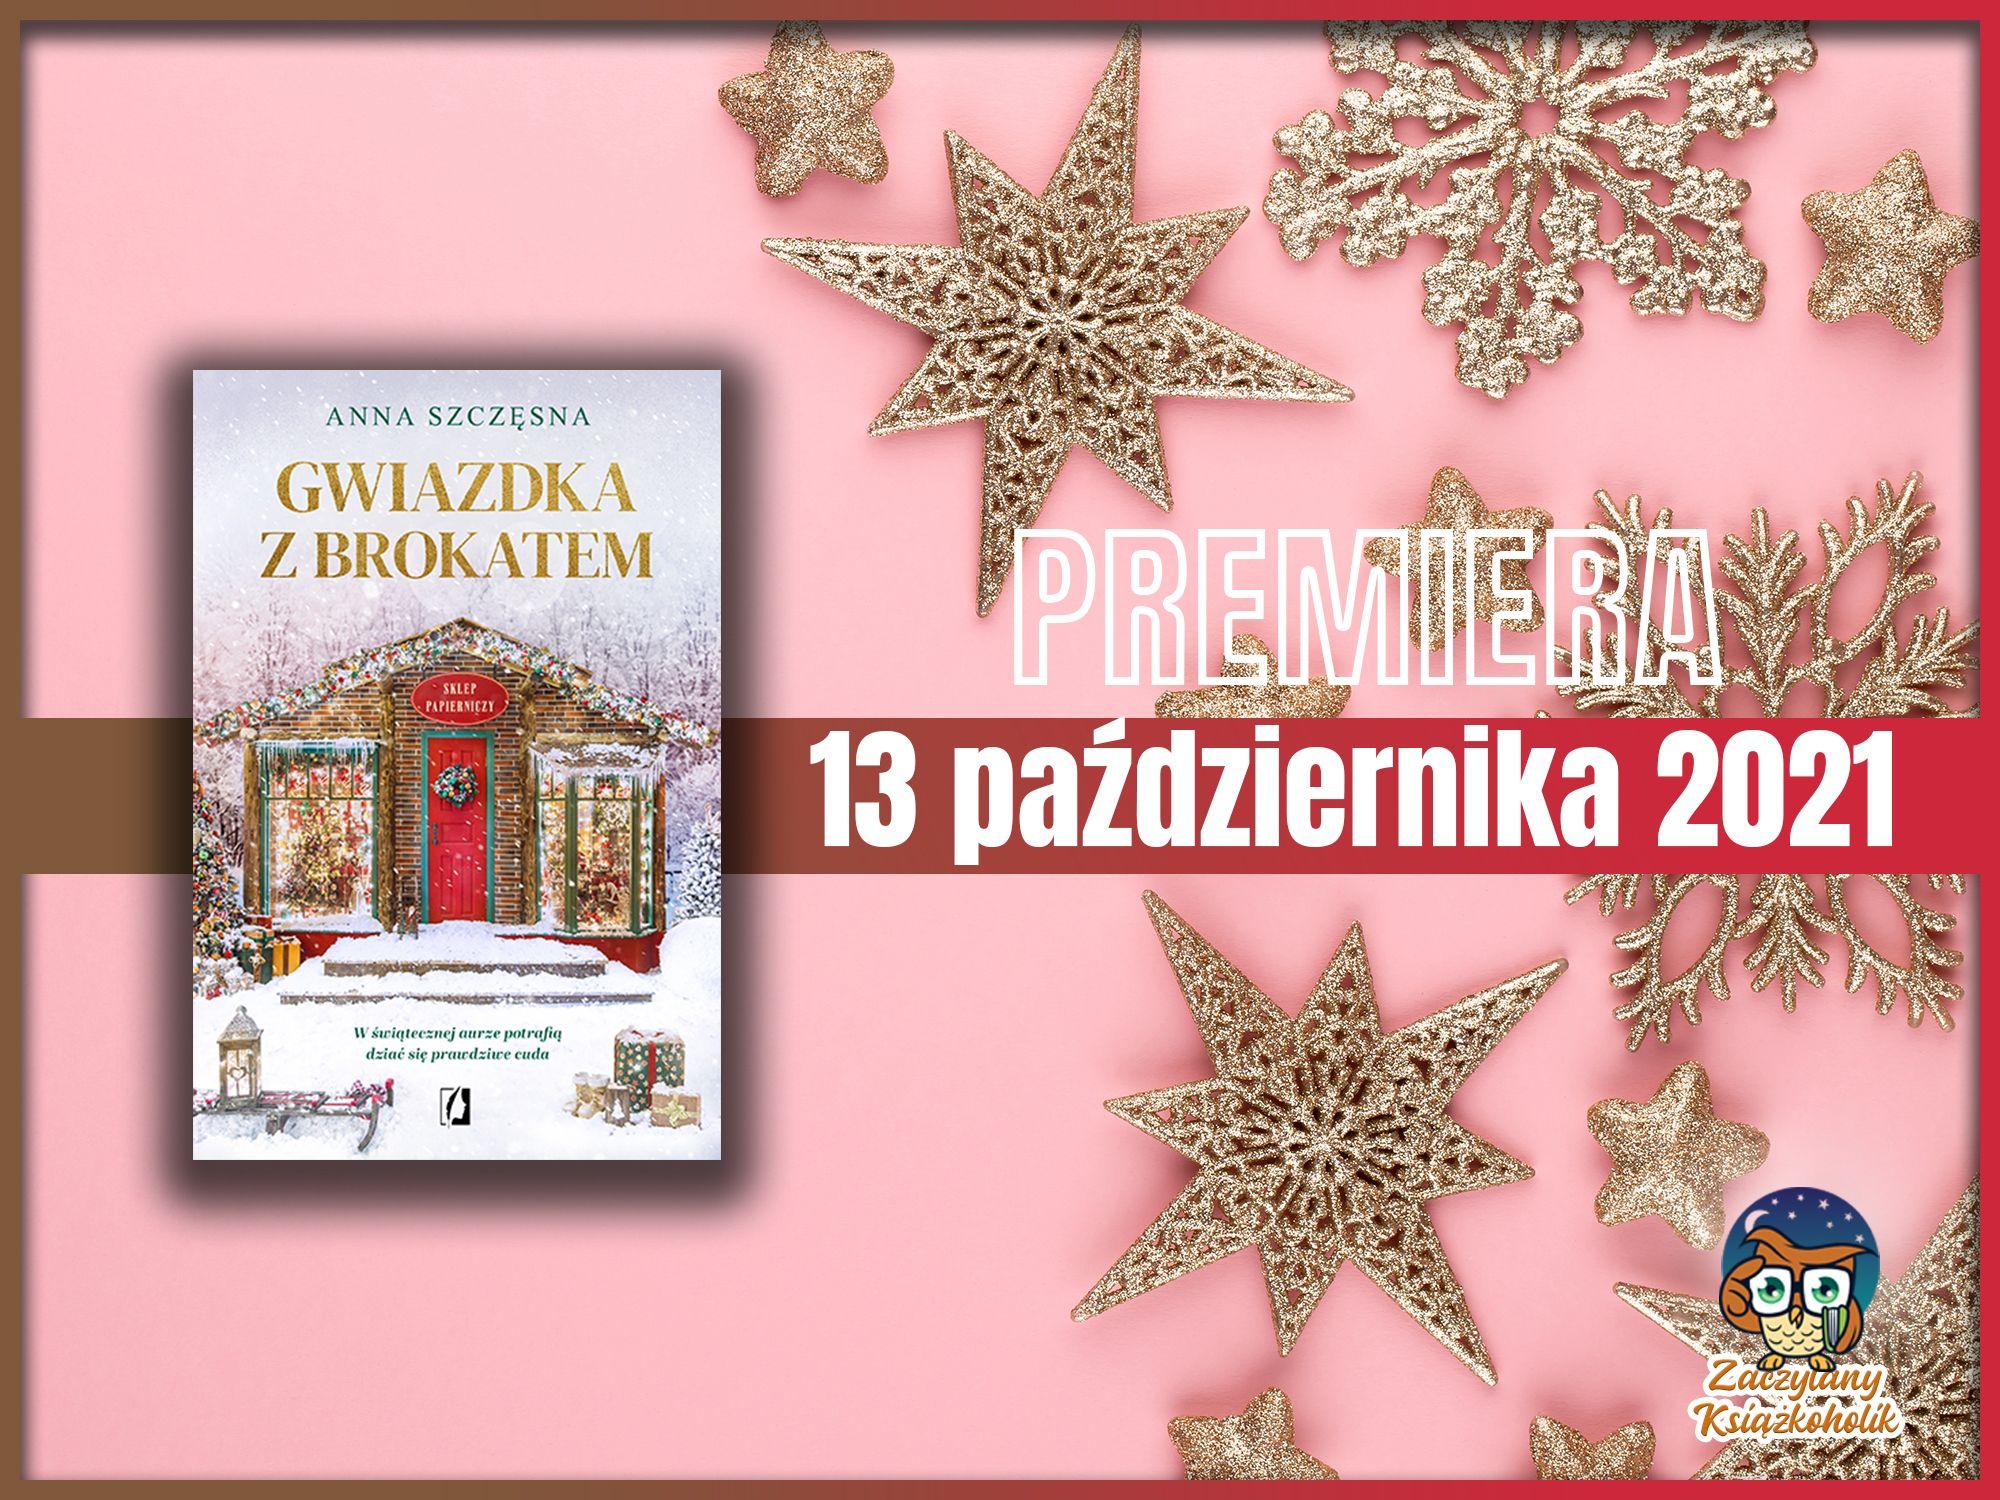 Gwiazdka z brokatem, Anna Szczęsna, zaczytanyksiazkoholik.pl